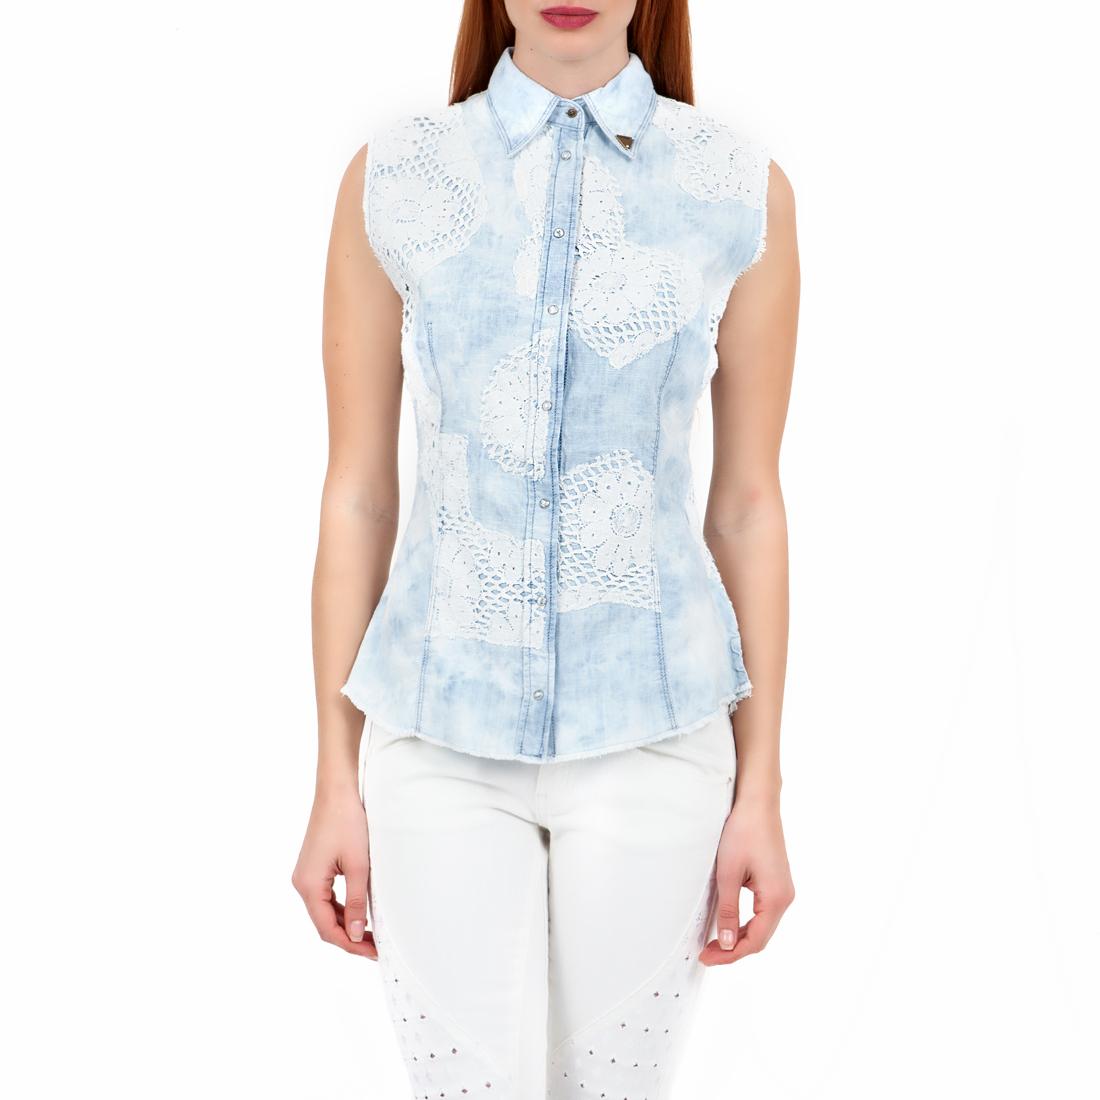 GUESS - Γυναικείο πουκάμισο GUESS μπλε-λευκό γυναικεία ρούχα πουκάμισα κοντομάνικα αμάνικα